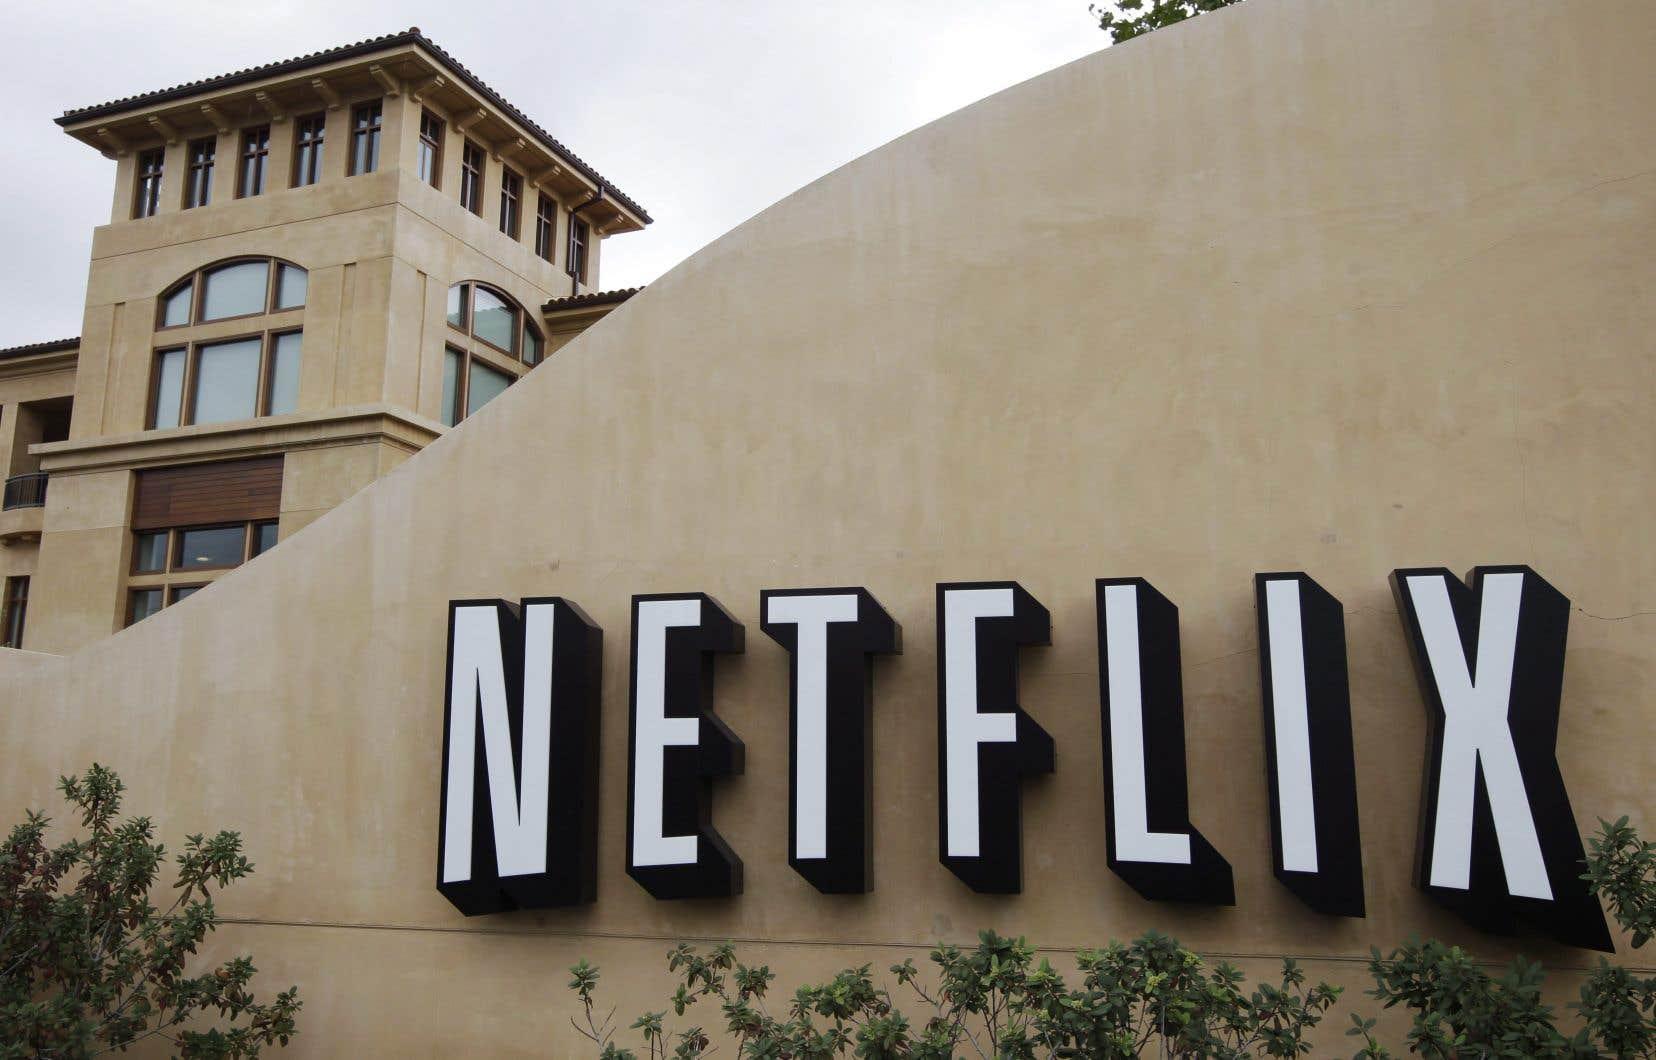 Un porte-parole du géant Netflix a déclaré que la séquence impliquant des images de la tragédie ferroviaire à Mégantic sera remplacée.